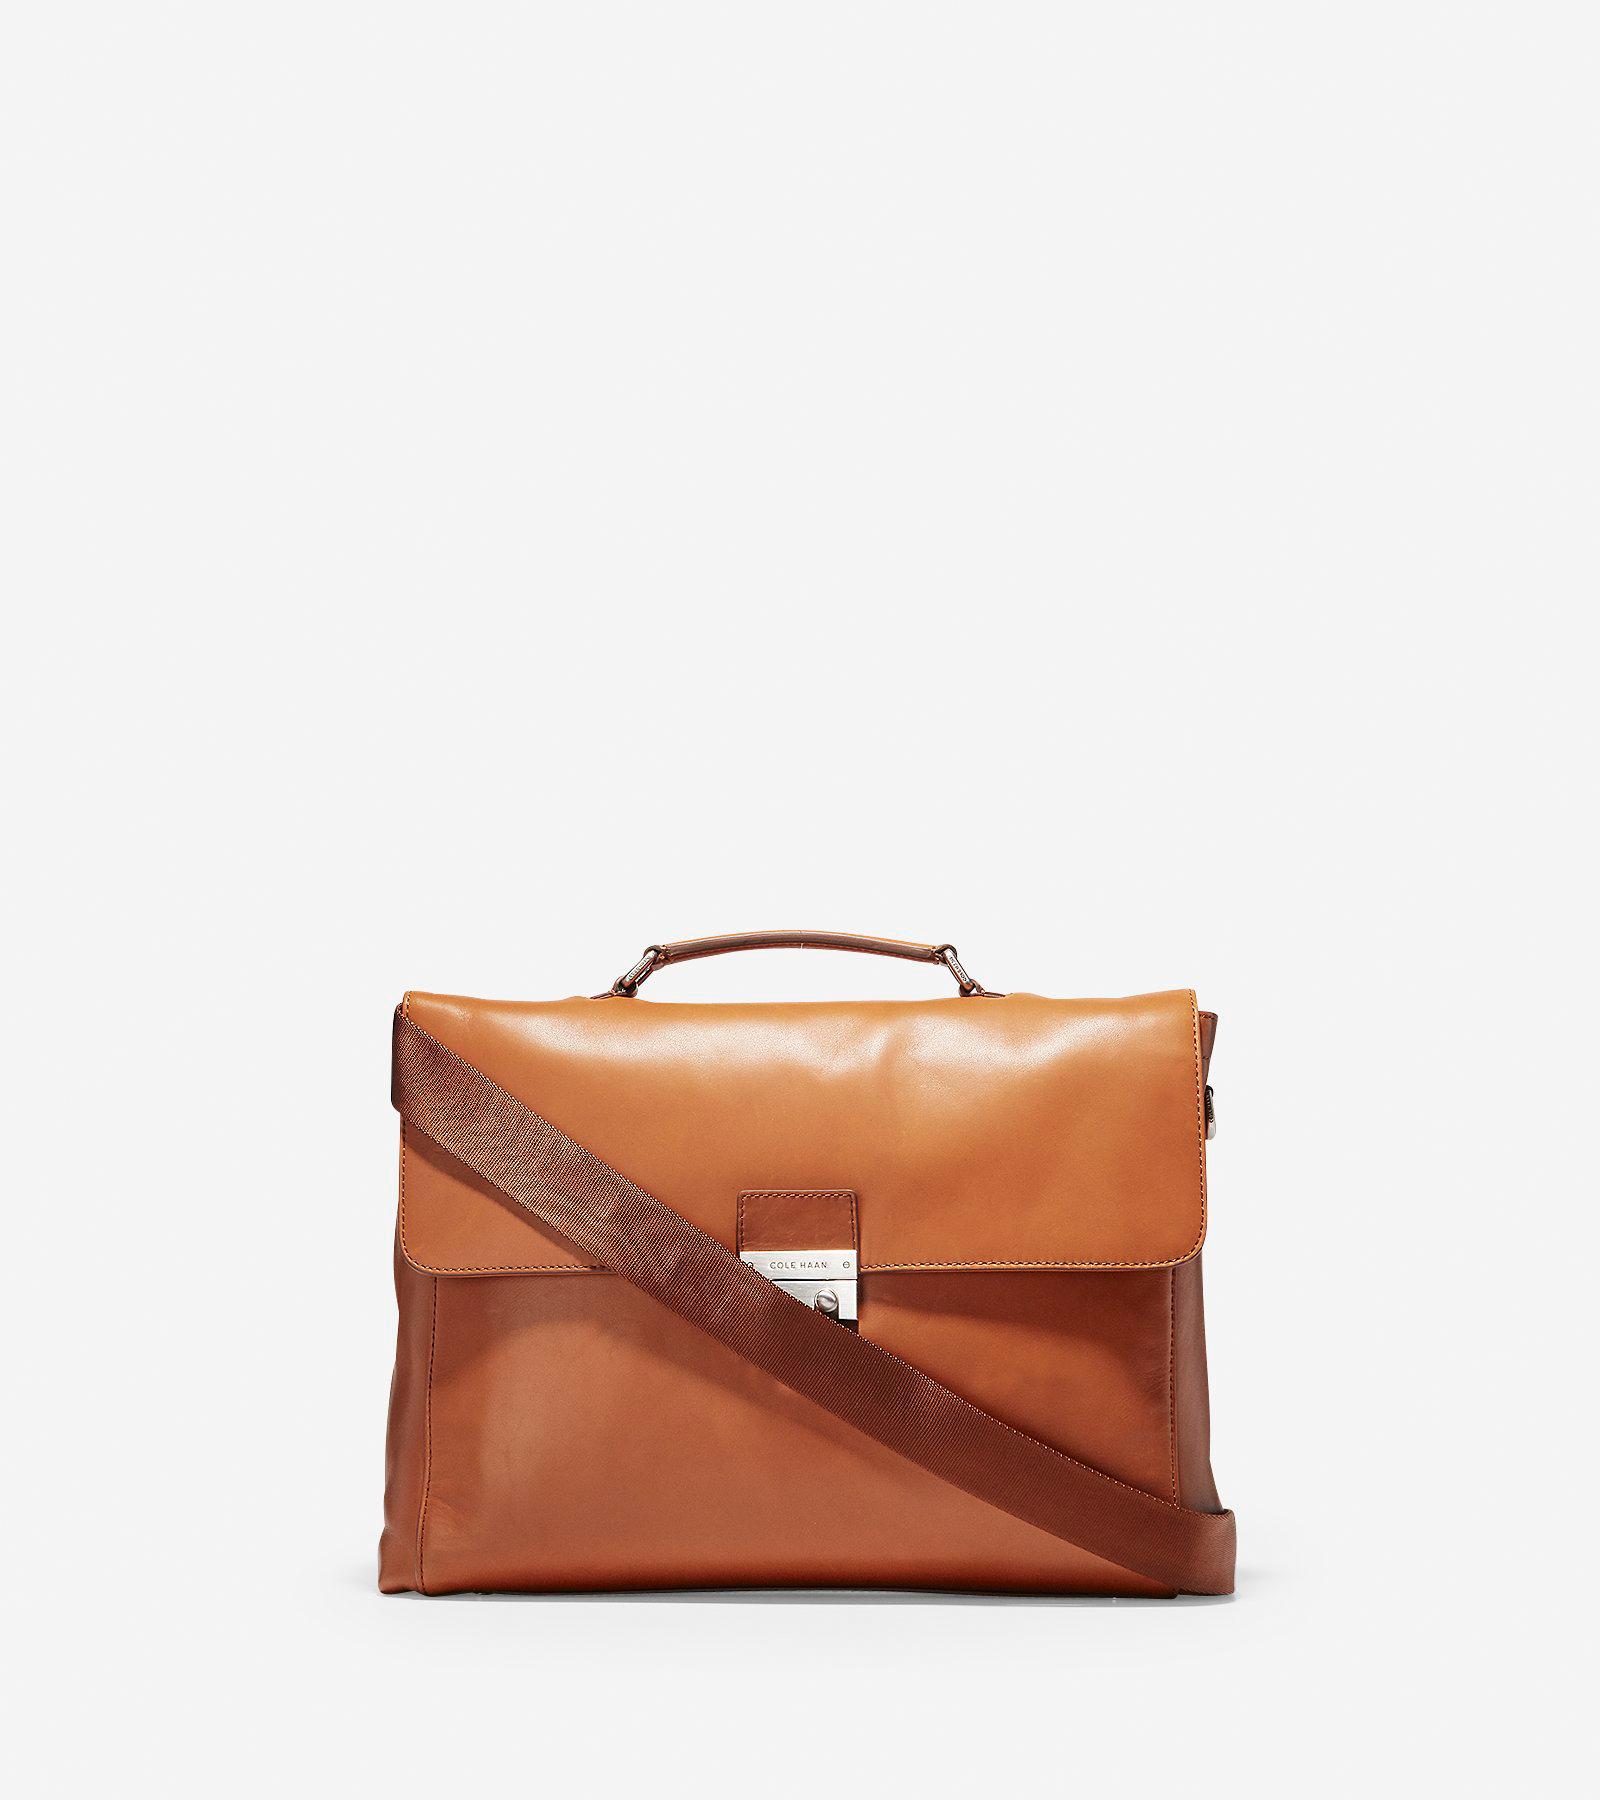 ddd24b603cb Men's Warner Briefcase in British Tan Leather | Cole Haan US